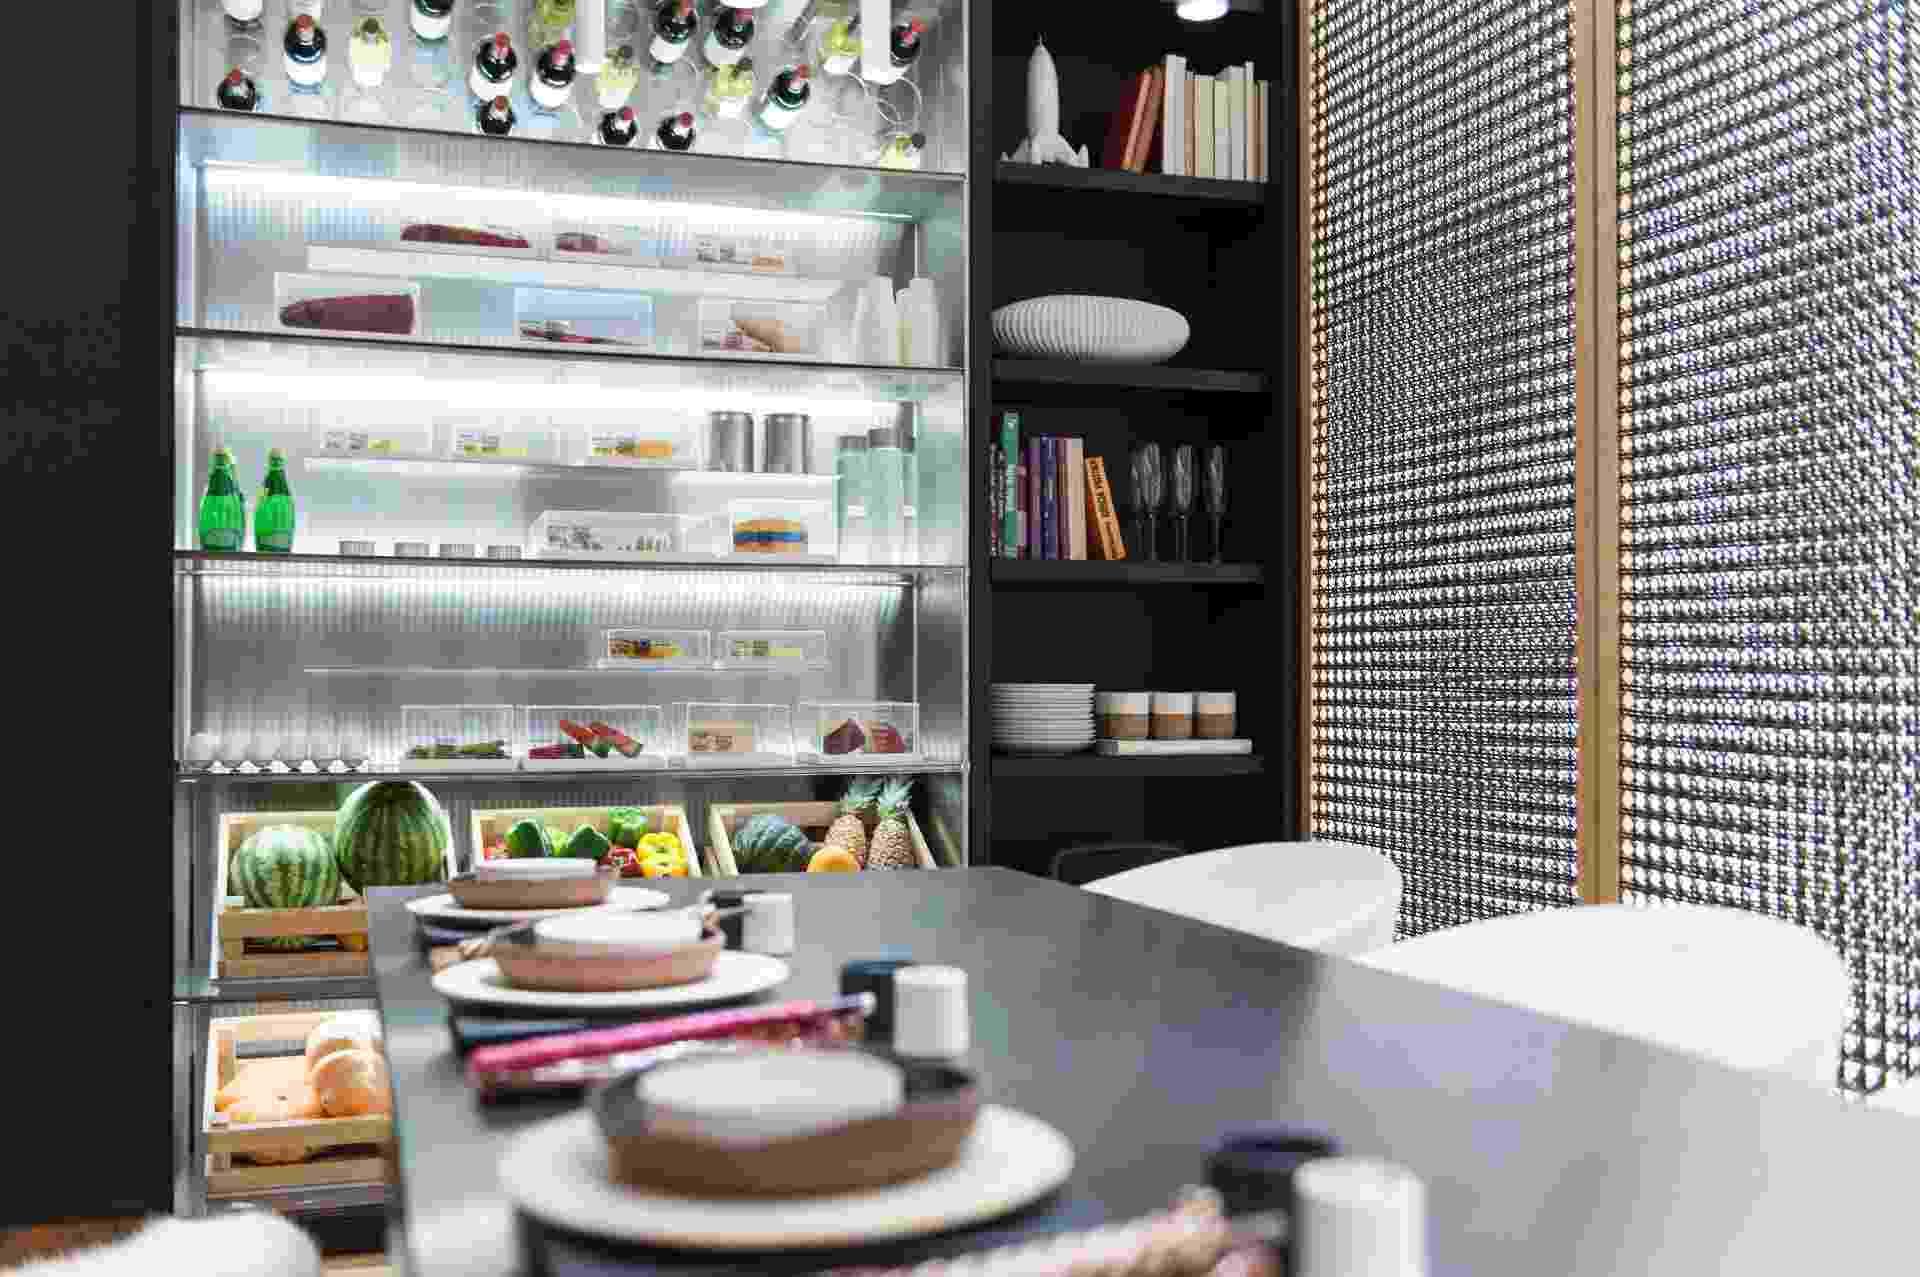 Fotos: Casa Cor SP: 4 cozinhas integradas e futuristas que você vai  #694438 1920 1277